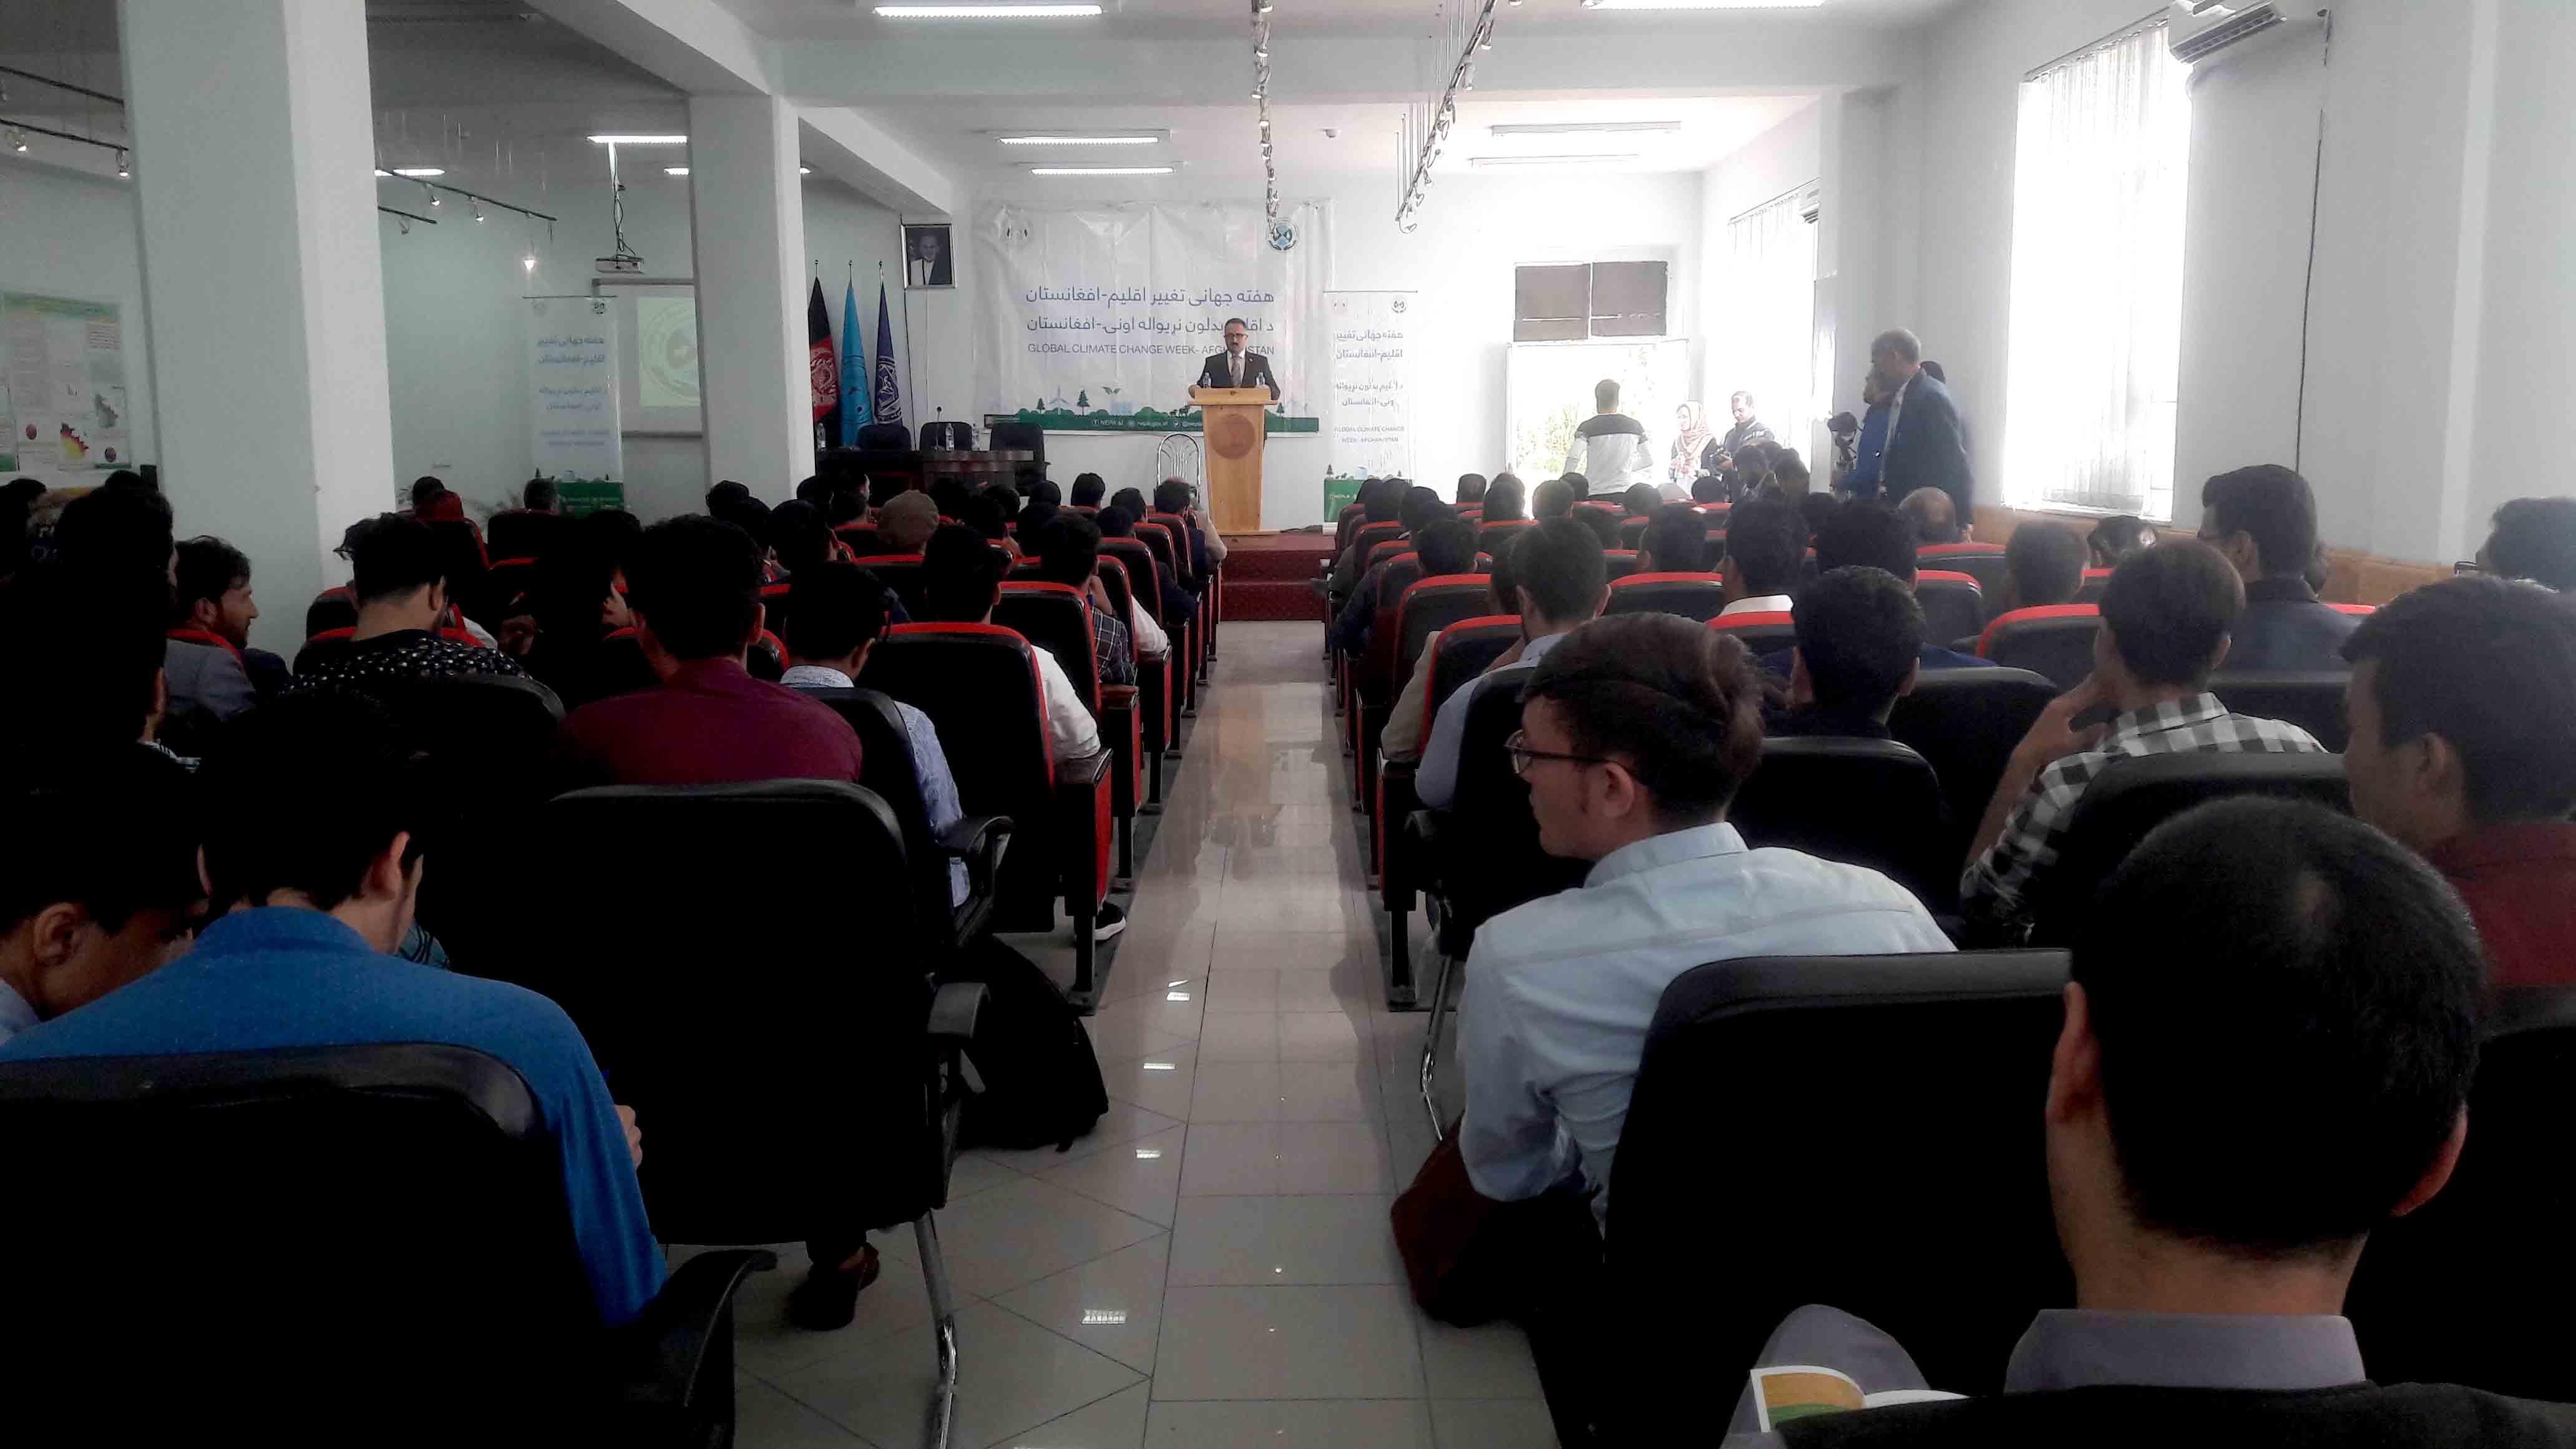 دانشگاه هرات از هفته جهانی تغییر اقلیمی تجلیل کرد